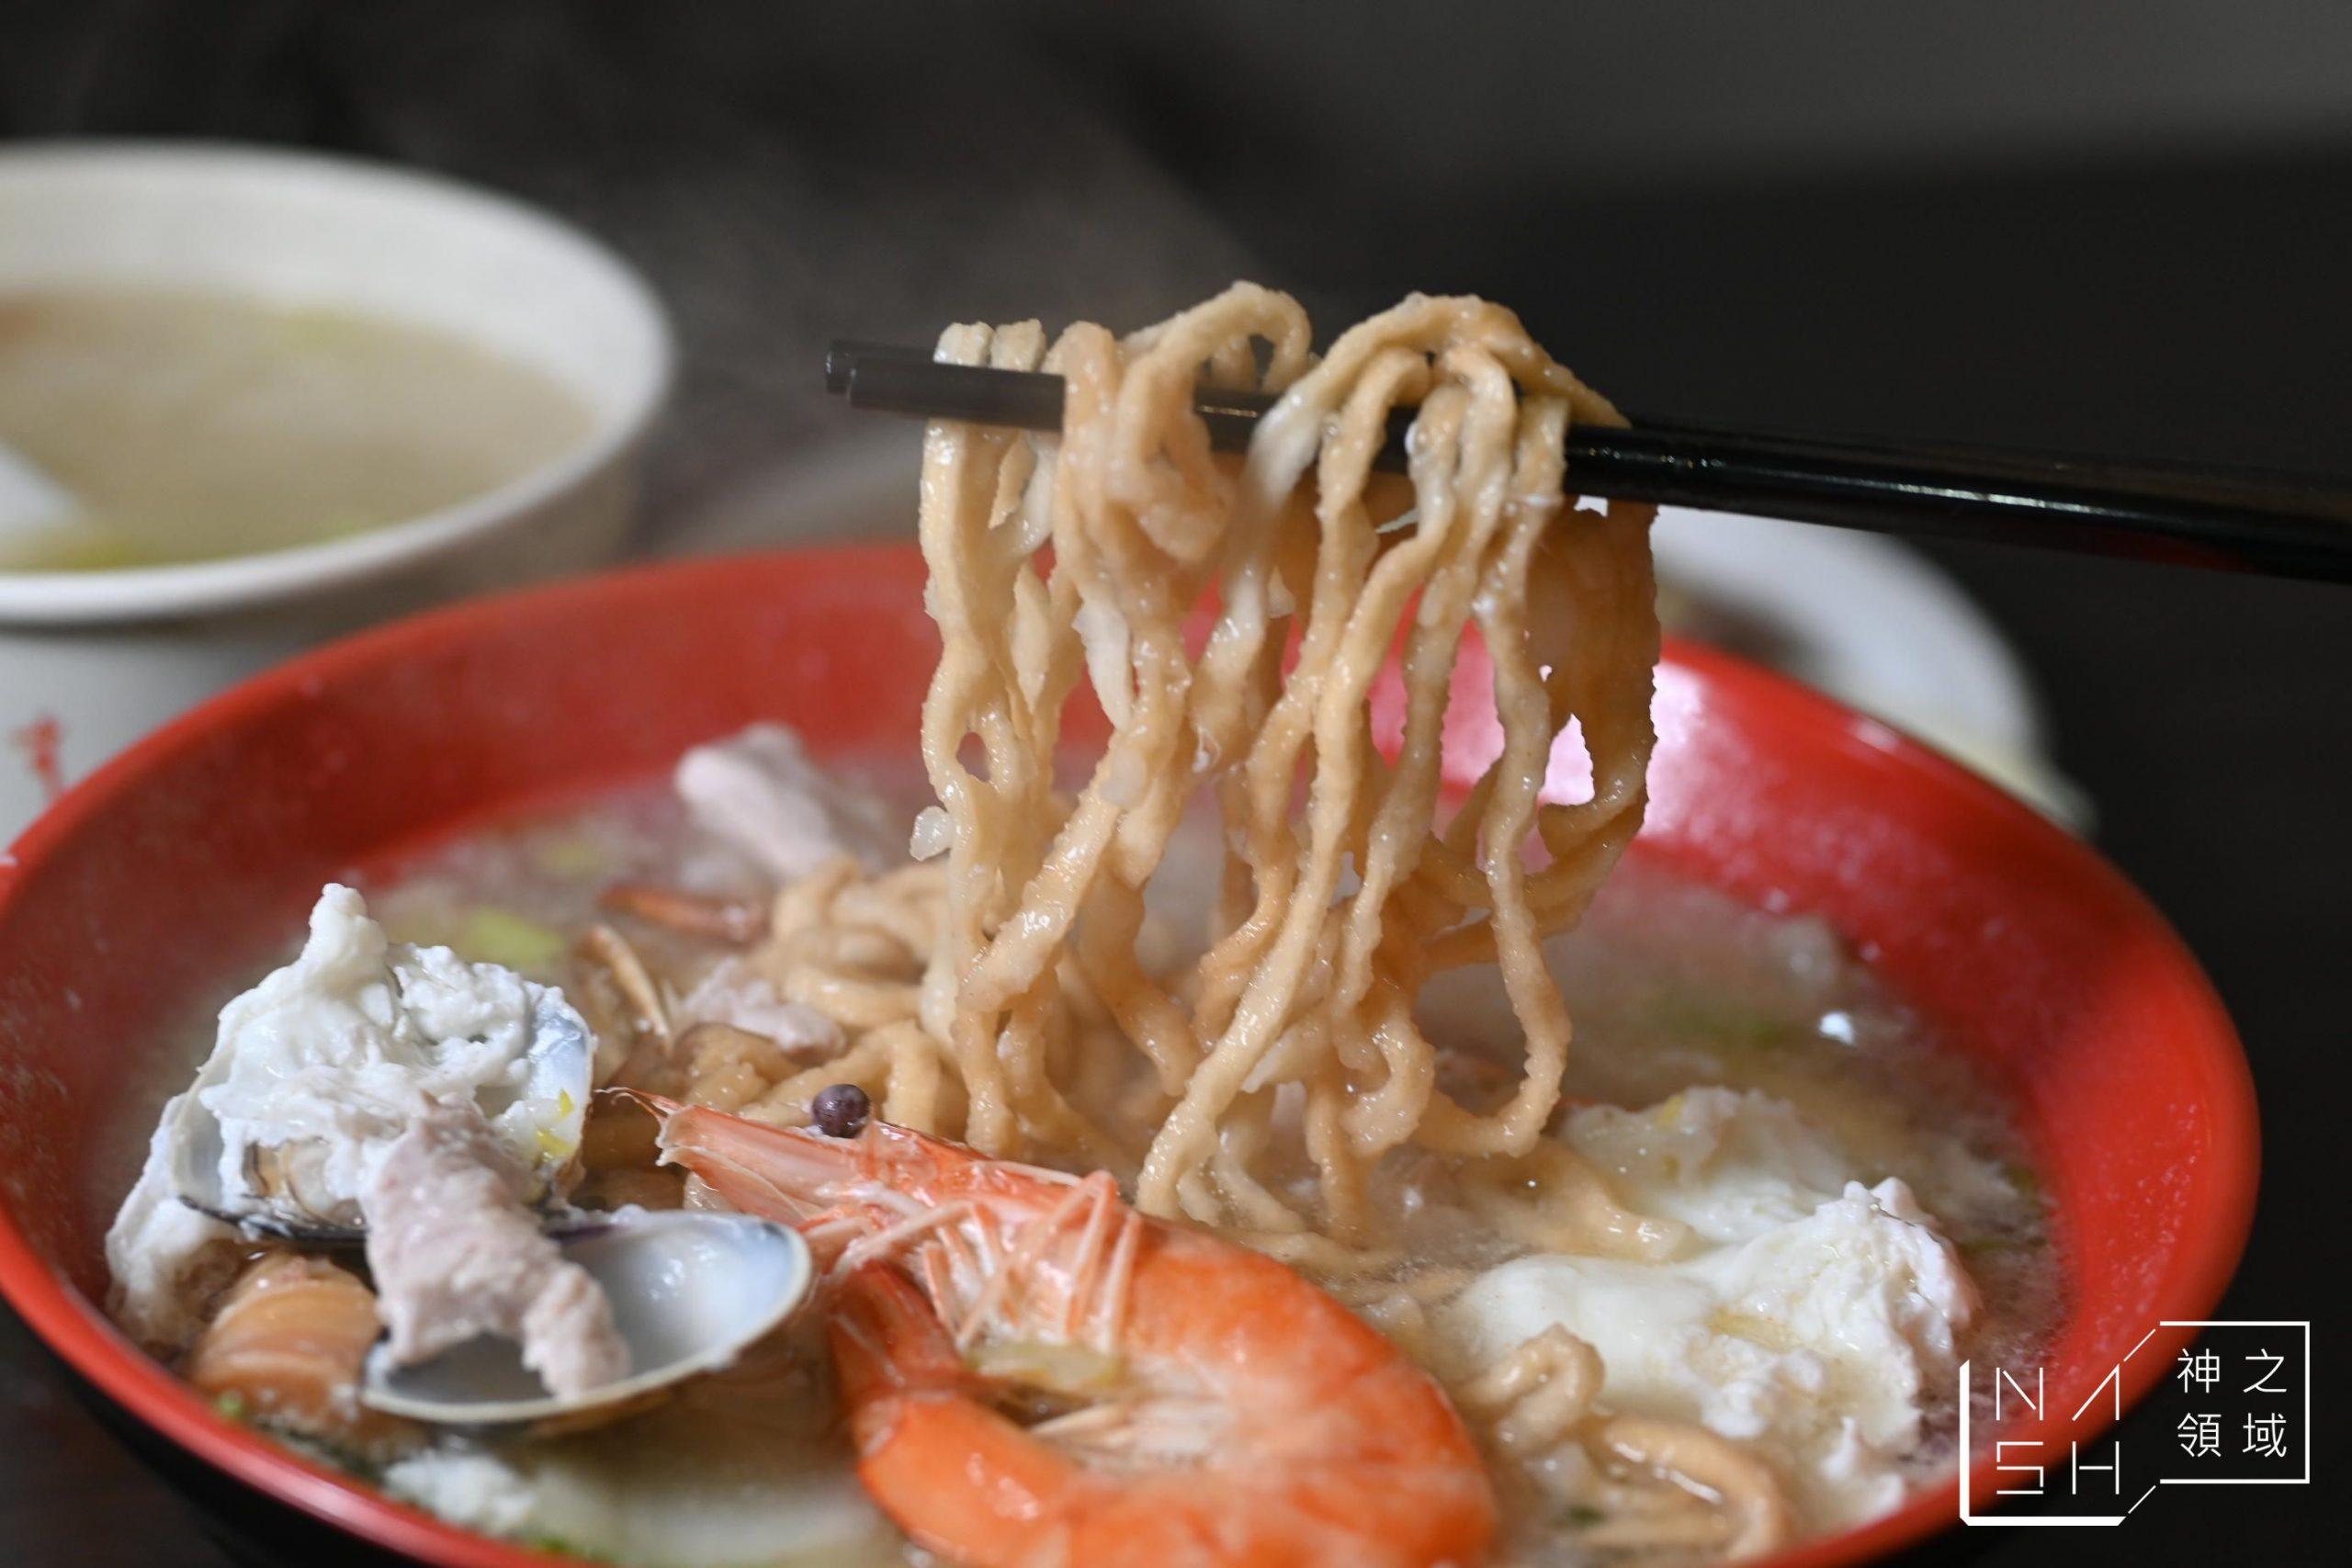 無名米粉湯、海產粥